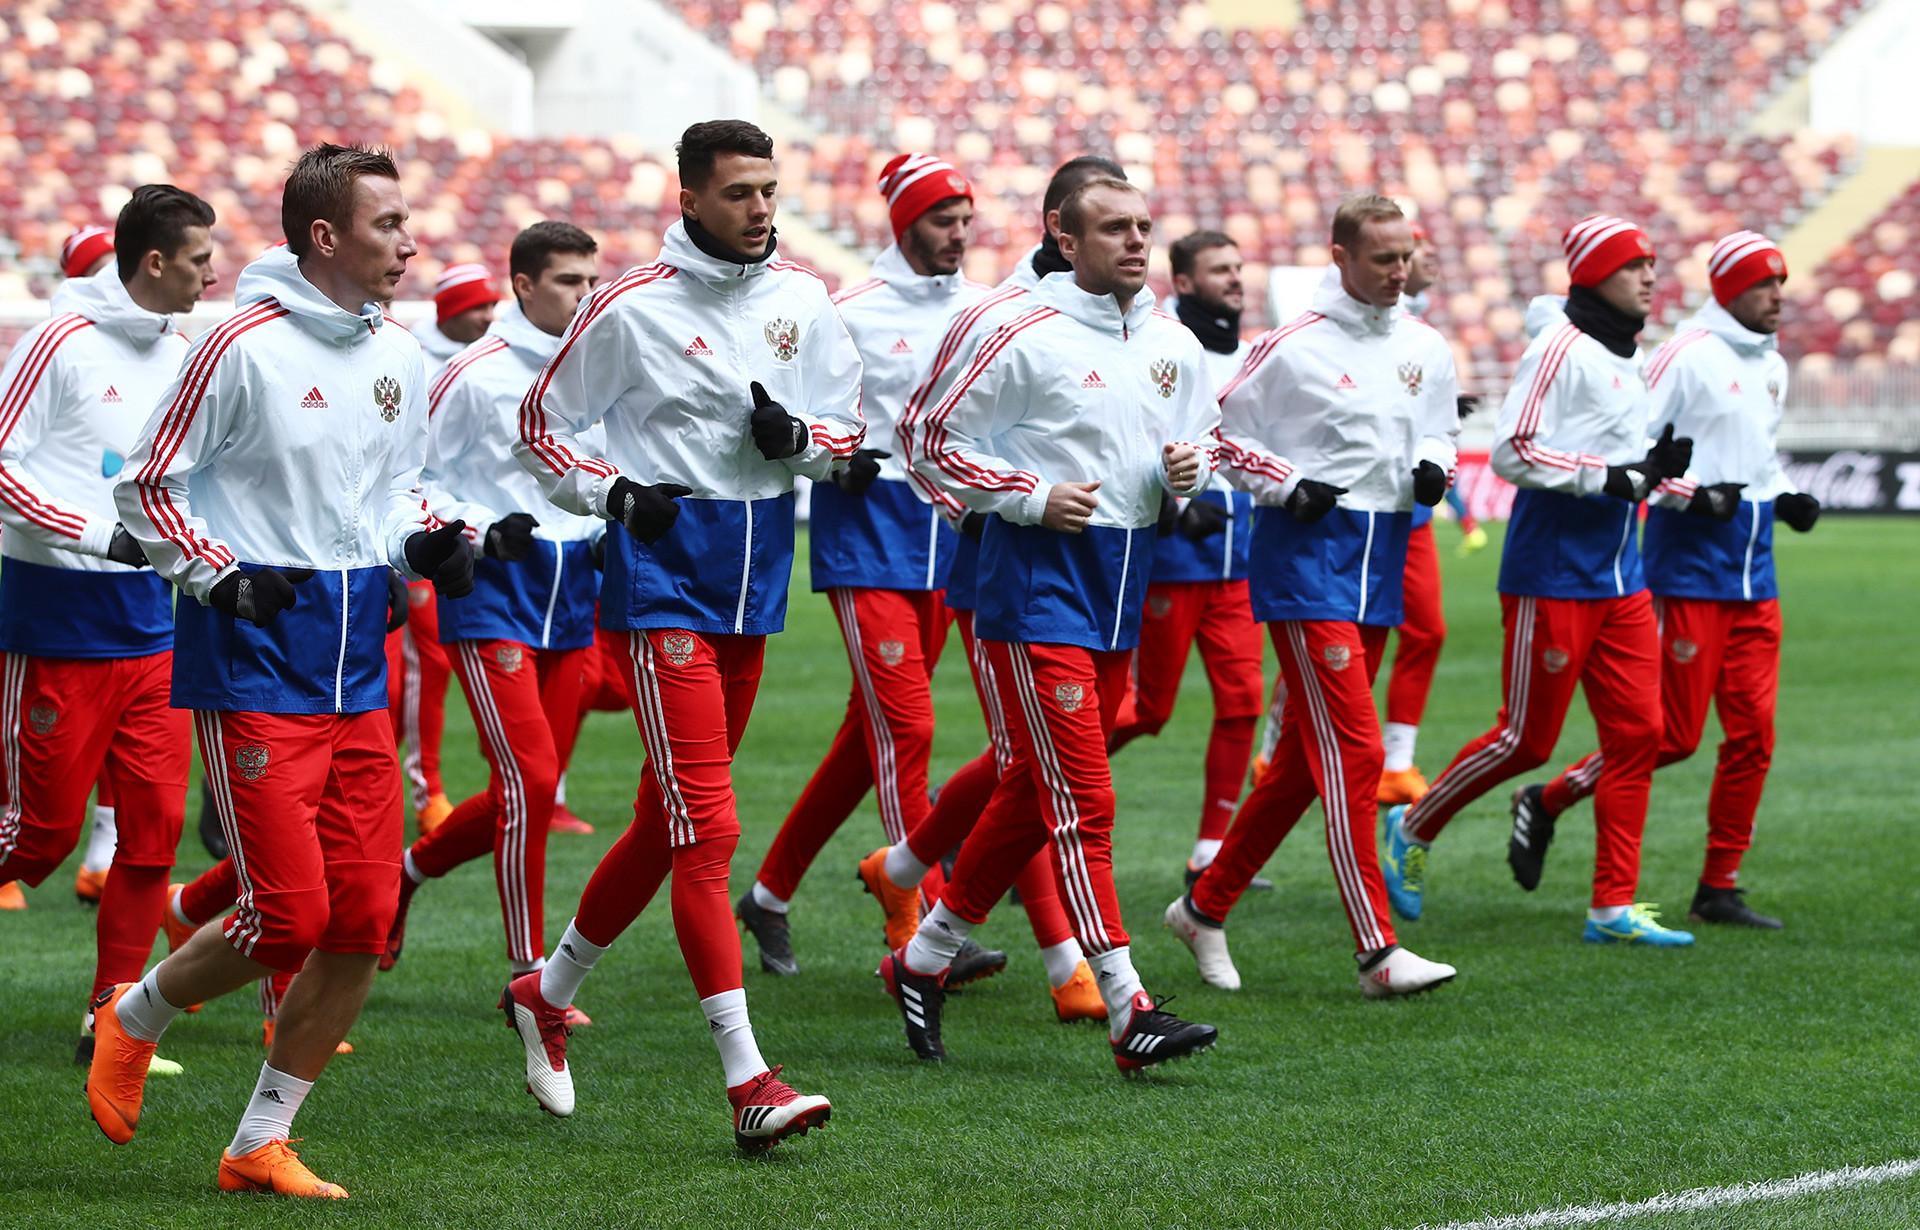 Timans Rusia berlatih sebelum pertandingan persahabatan lawan Brazil, Maret 2018.